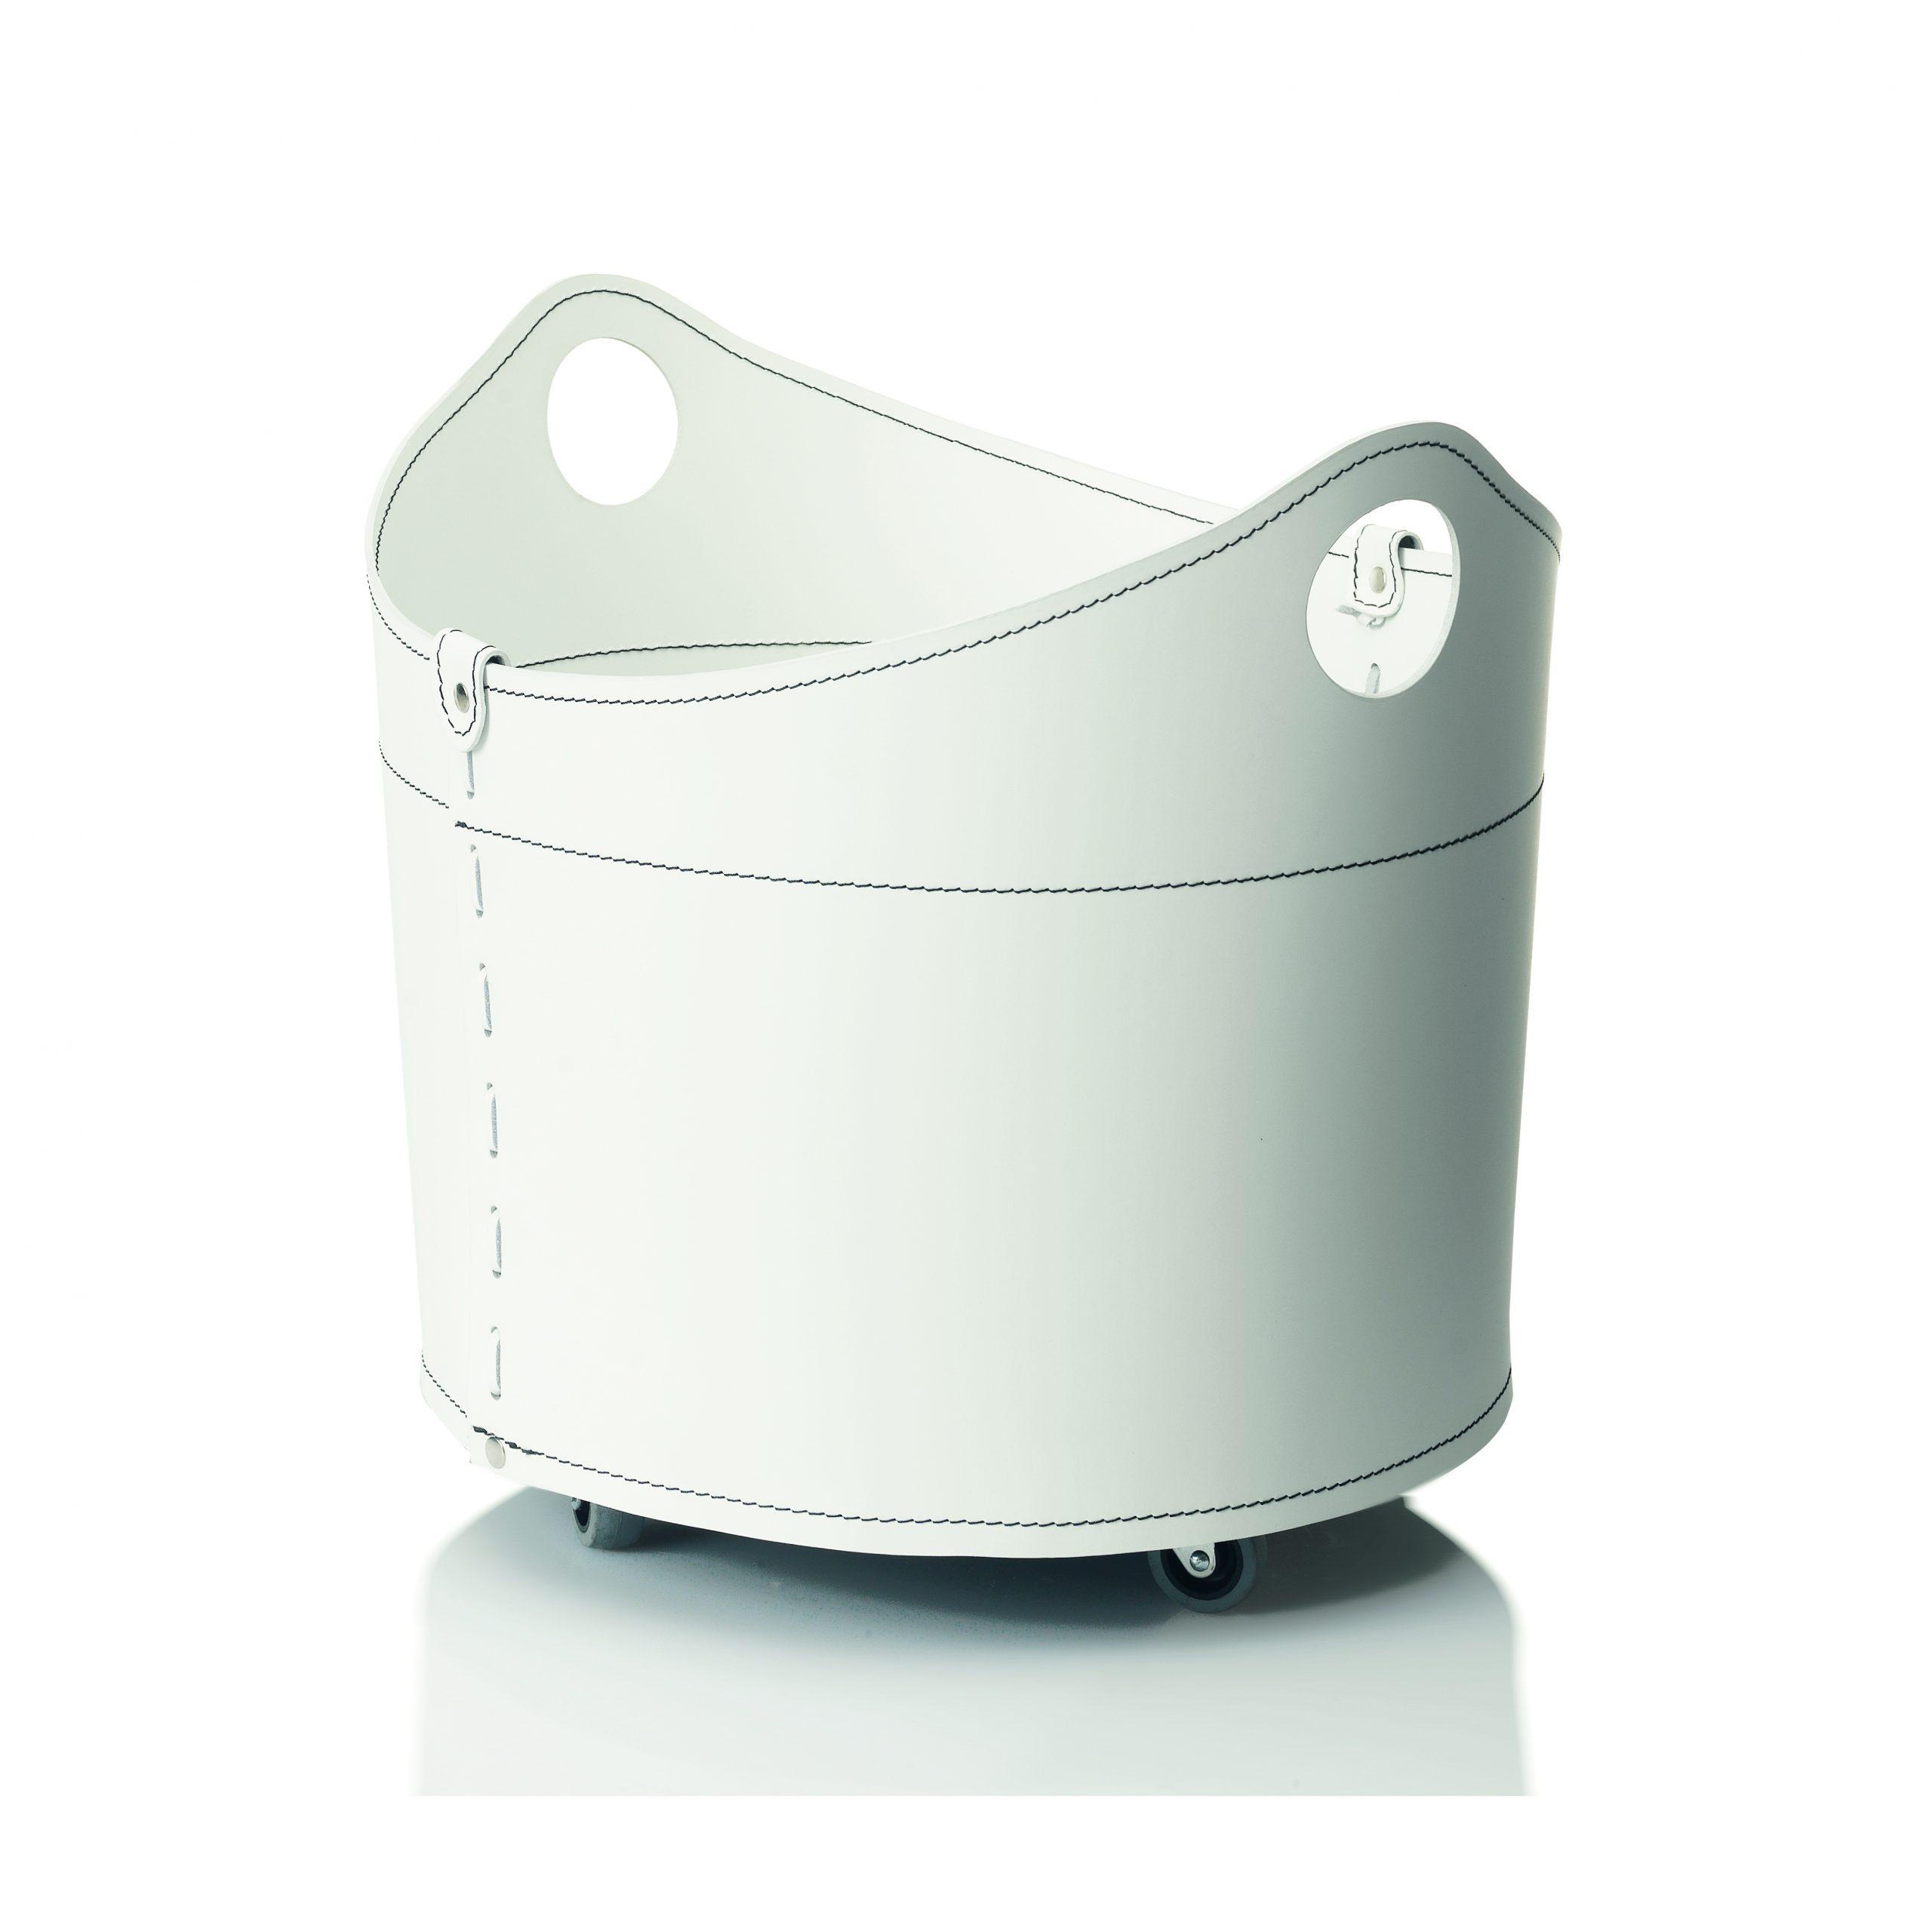 CADIN: Portalegna in cuoio colore bianco, contenitore per camino, borsa porta legna, per la casa, Ufficio, Hotel, design Firestyle®, Made in Italy.